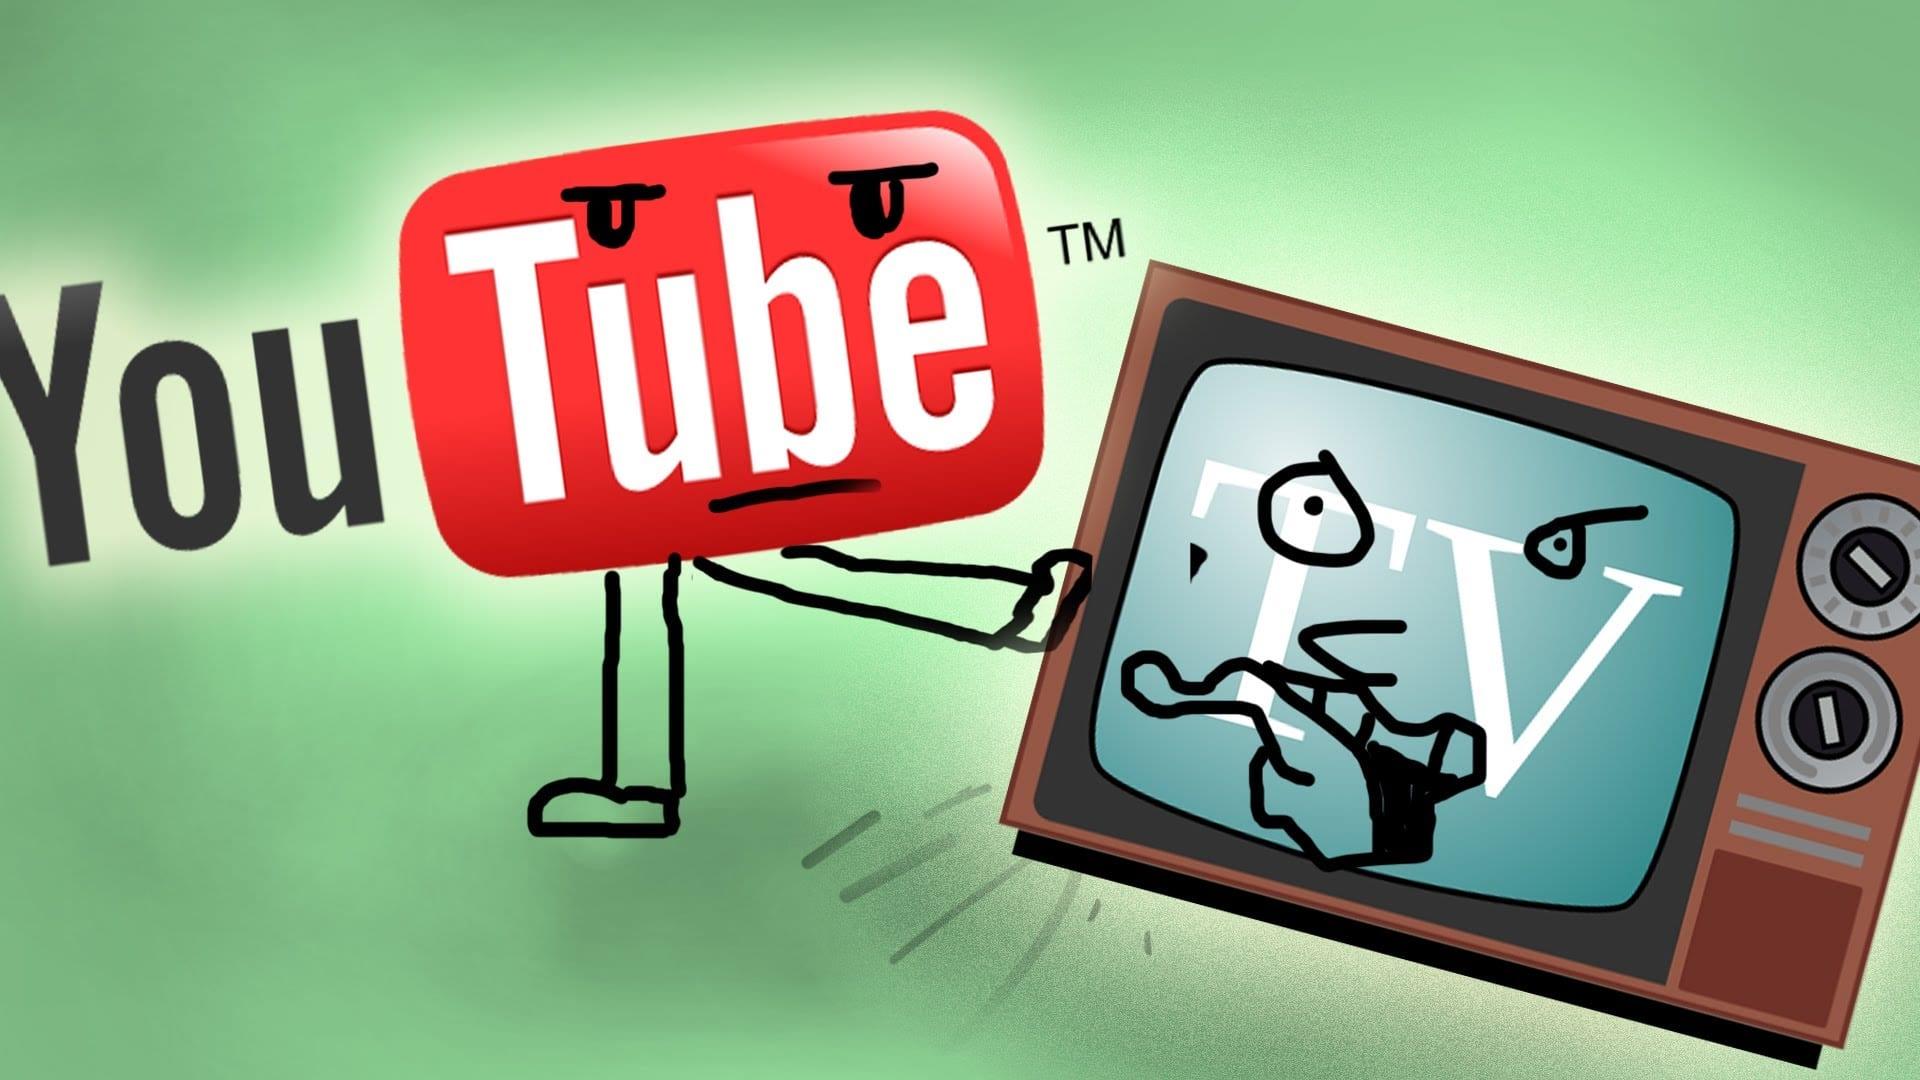 Televisi atau Youtube